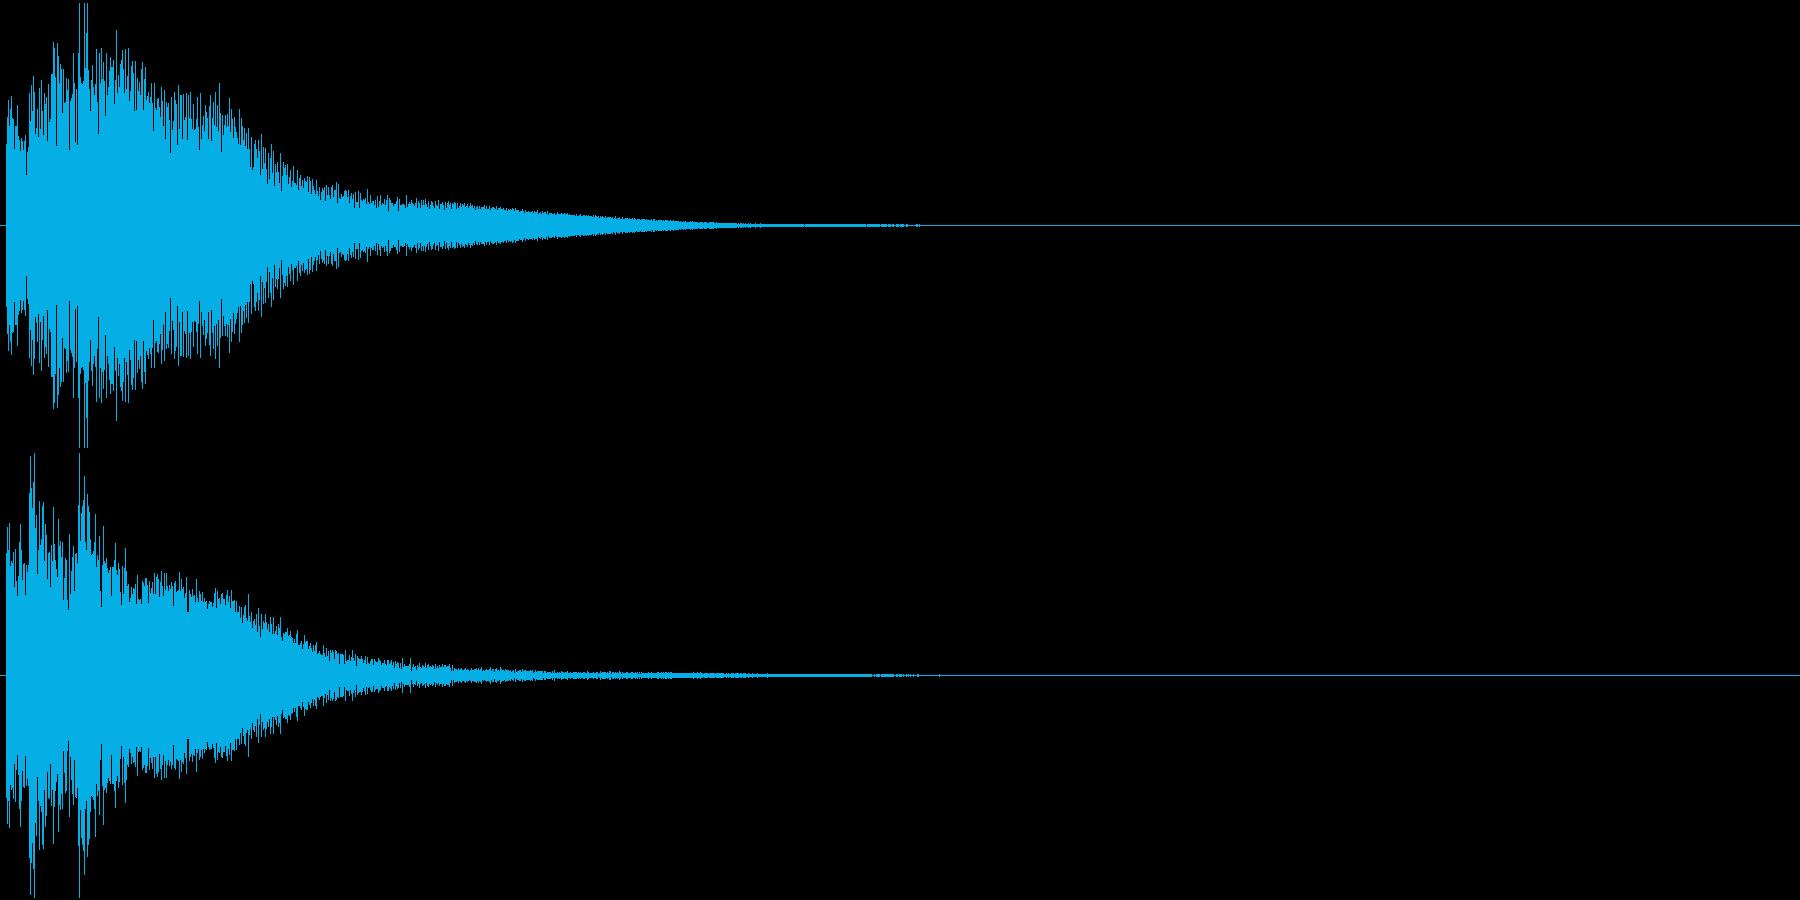 綺麗なボタン音05(ティロリン)の再生済みの波形